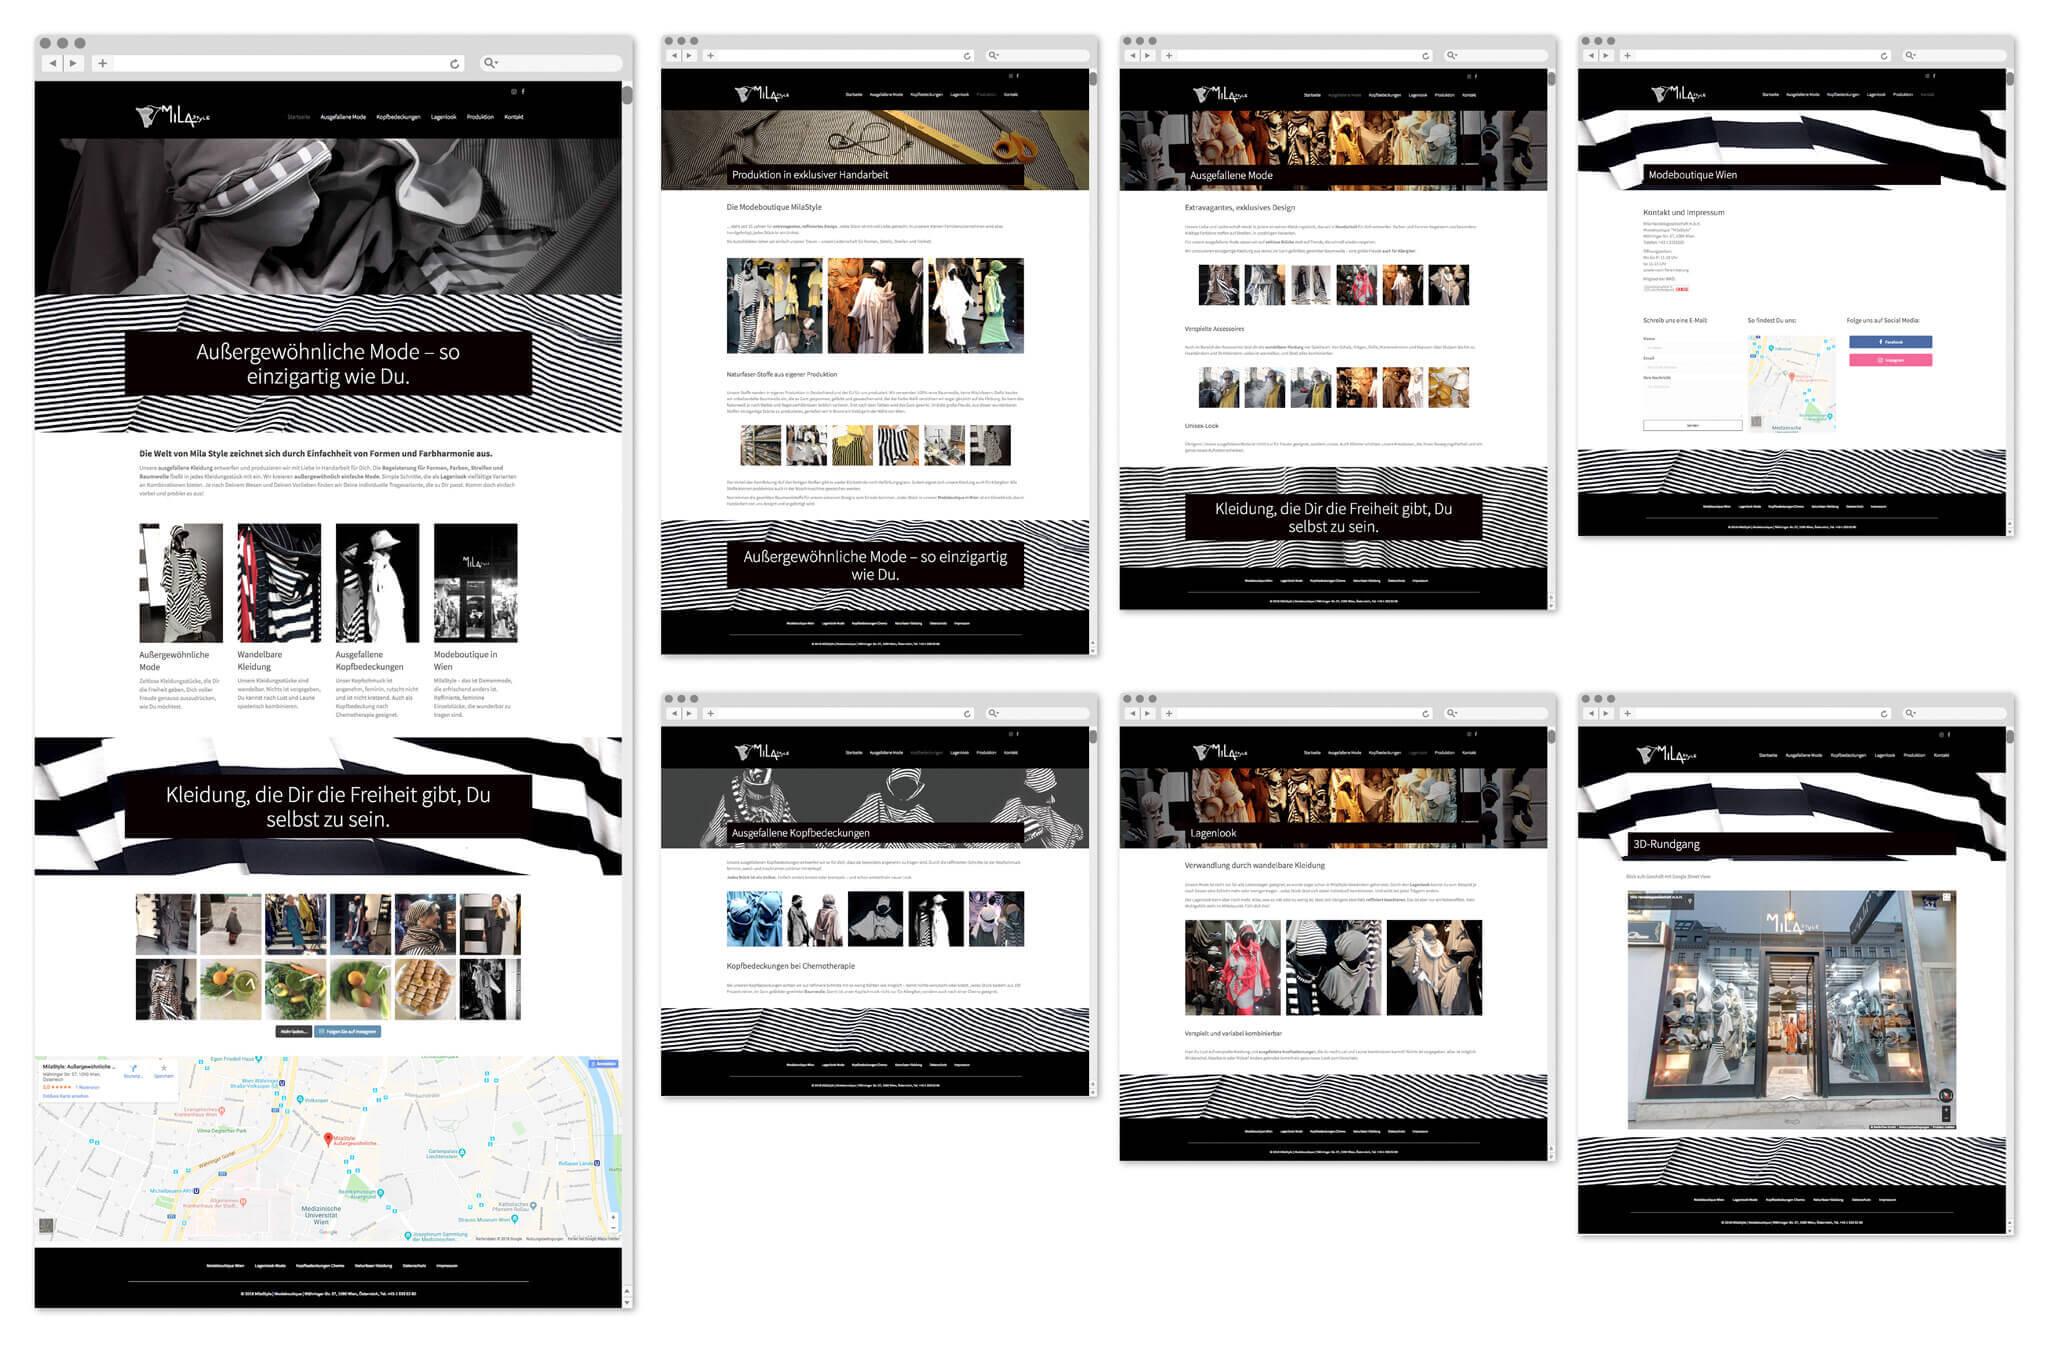 MilaStyle   Webseite   Fotografie, Entwurf und Gestaltung   2017